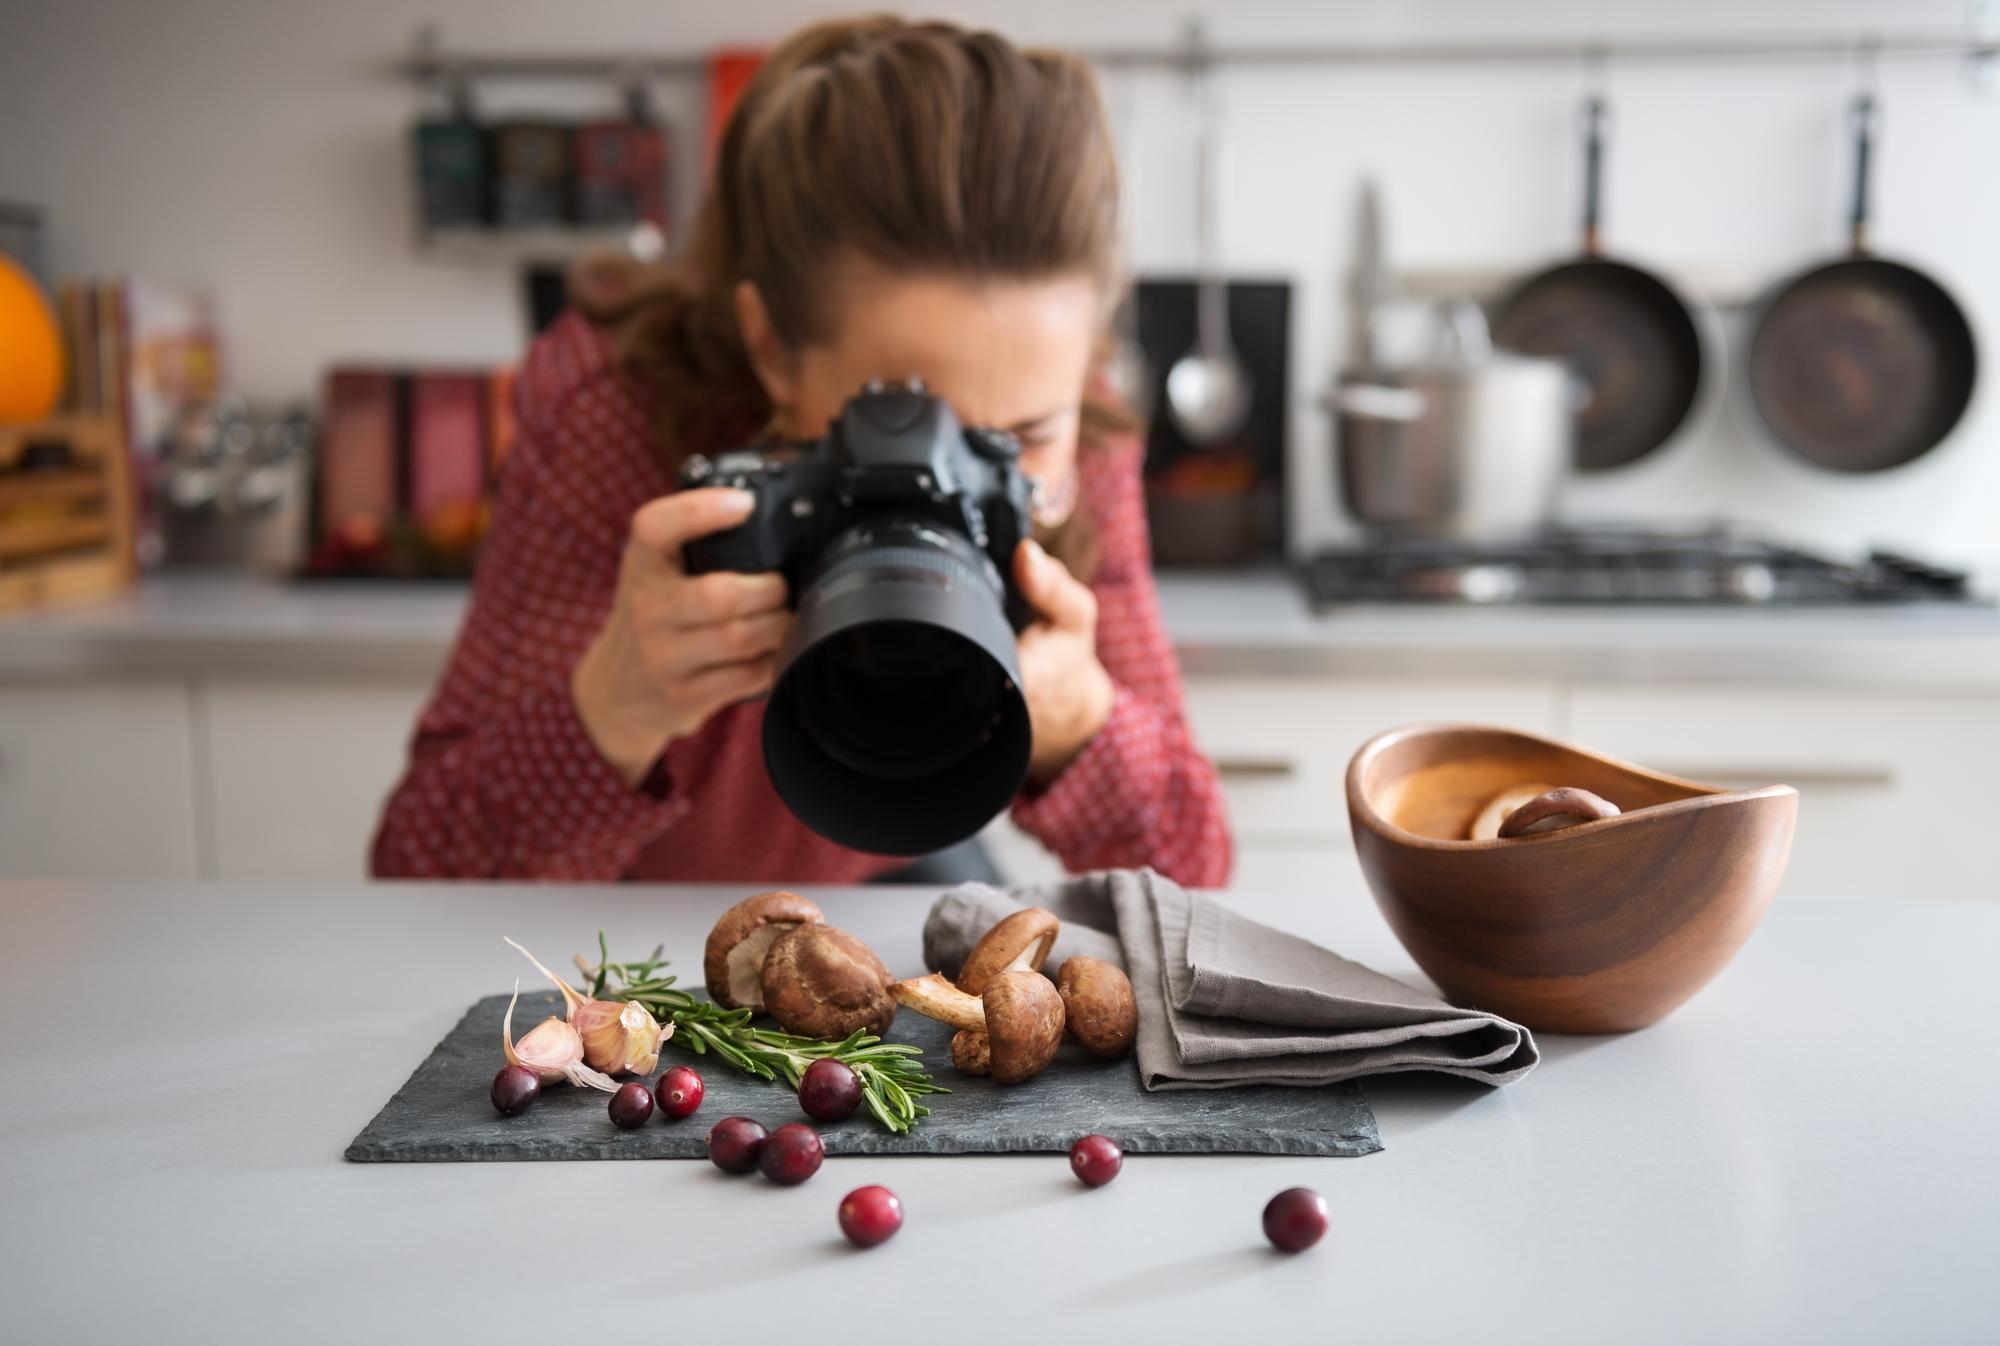 гармонией наполняется вакансии фуд фотографа ягоды наших